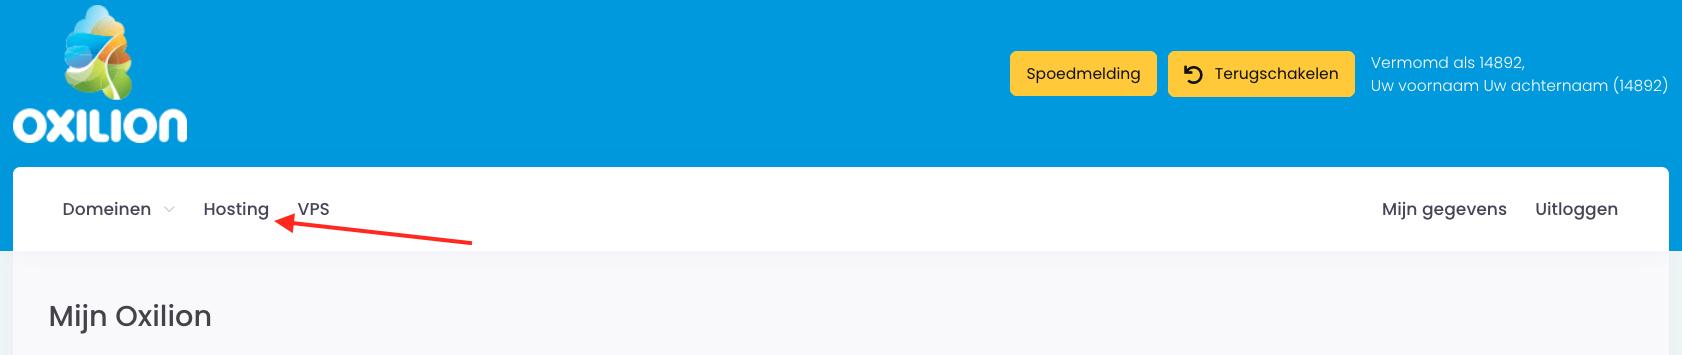 Screenshot waarop duidelijk wordt waar het tabblad Hosting te vinden is.